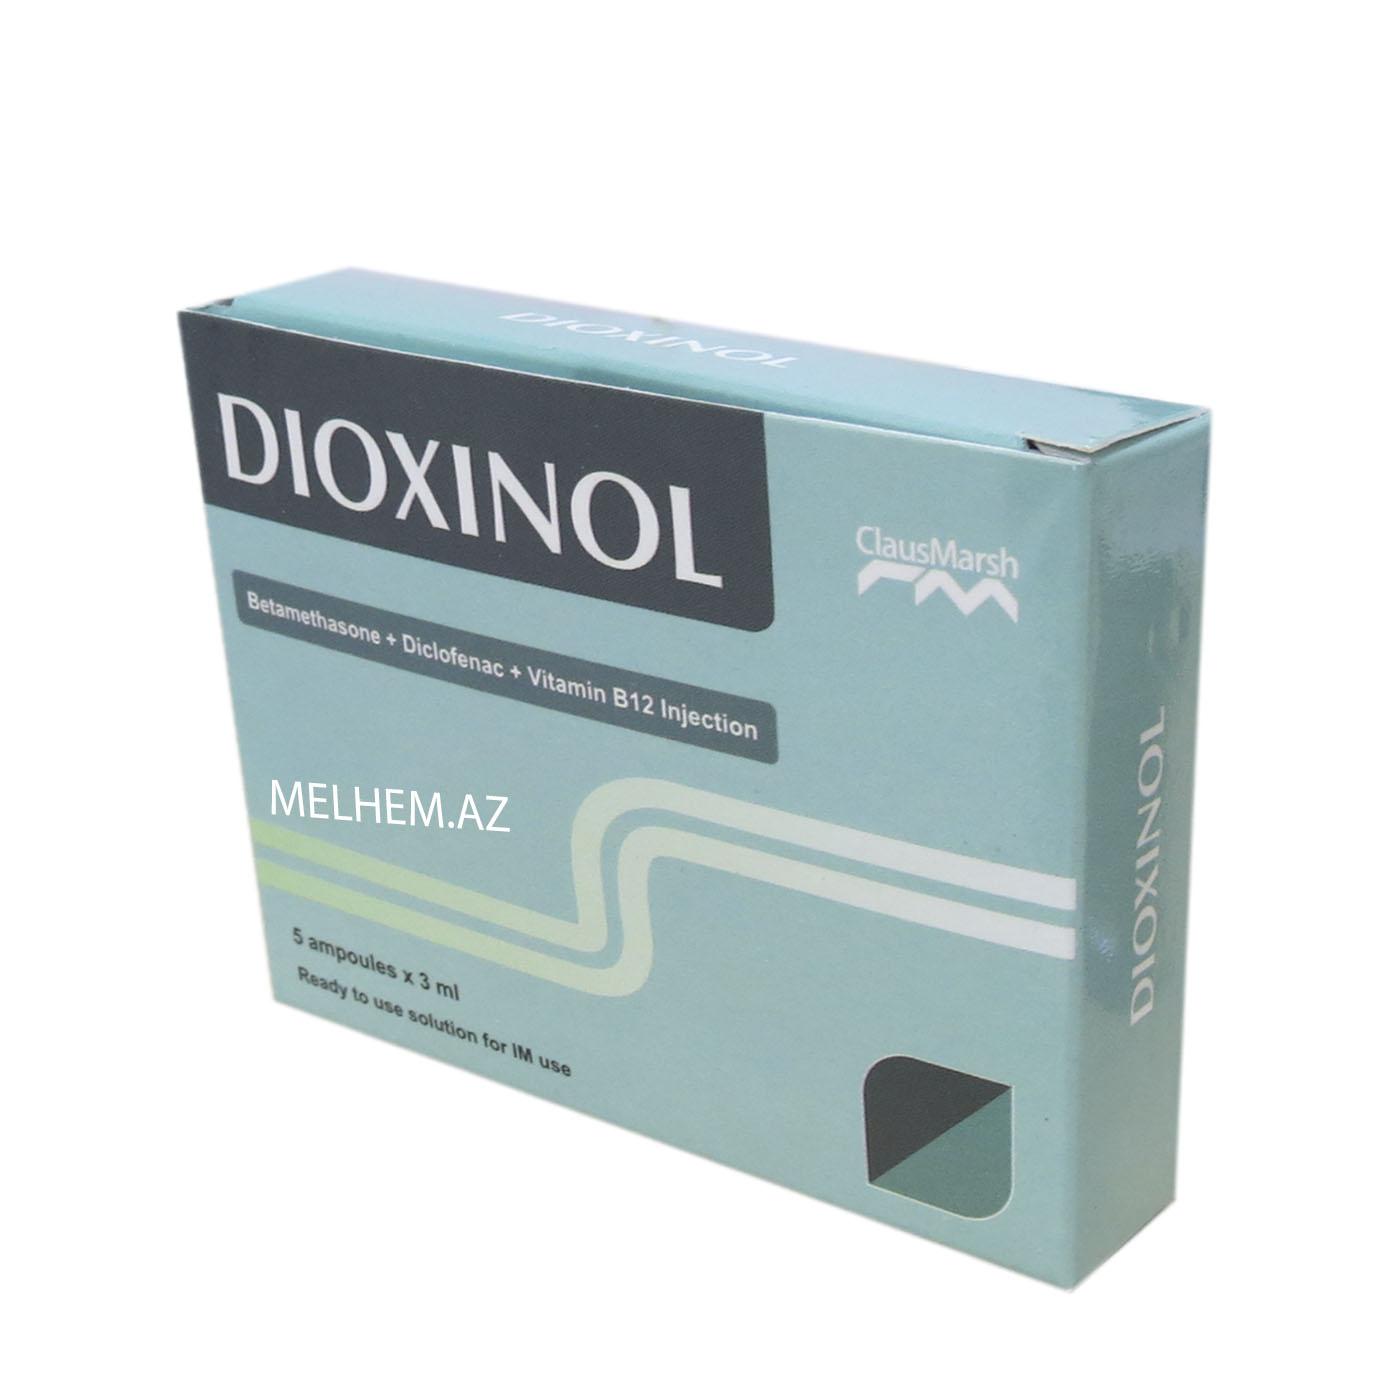 DİOXİNOL 3ML N5 (AMPULA)